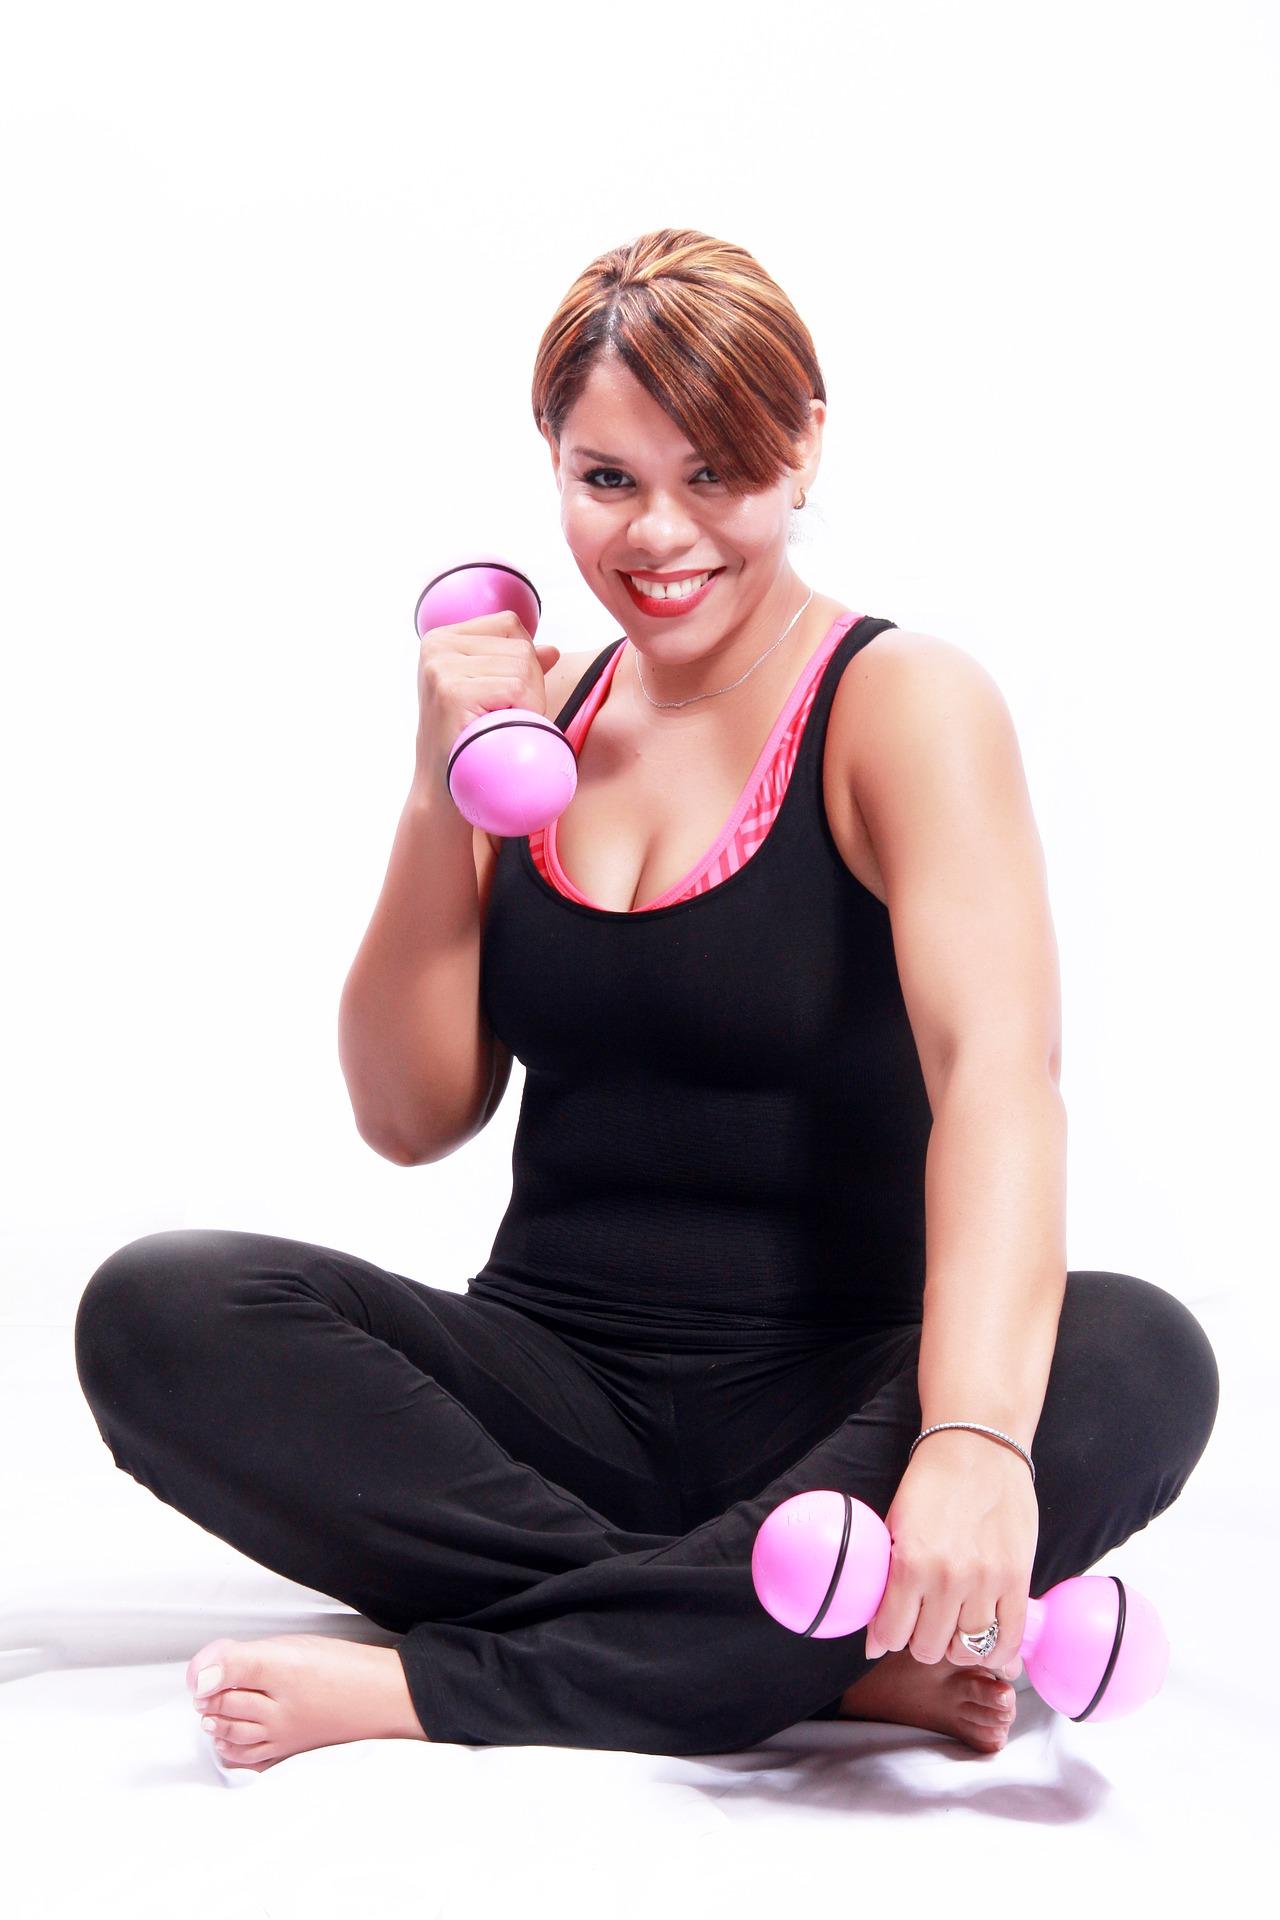 Błędy, które popełniasz na siłowni